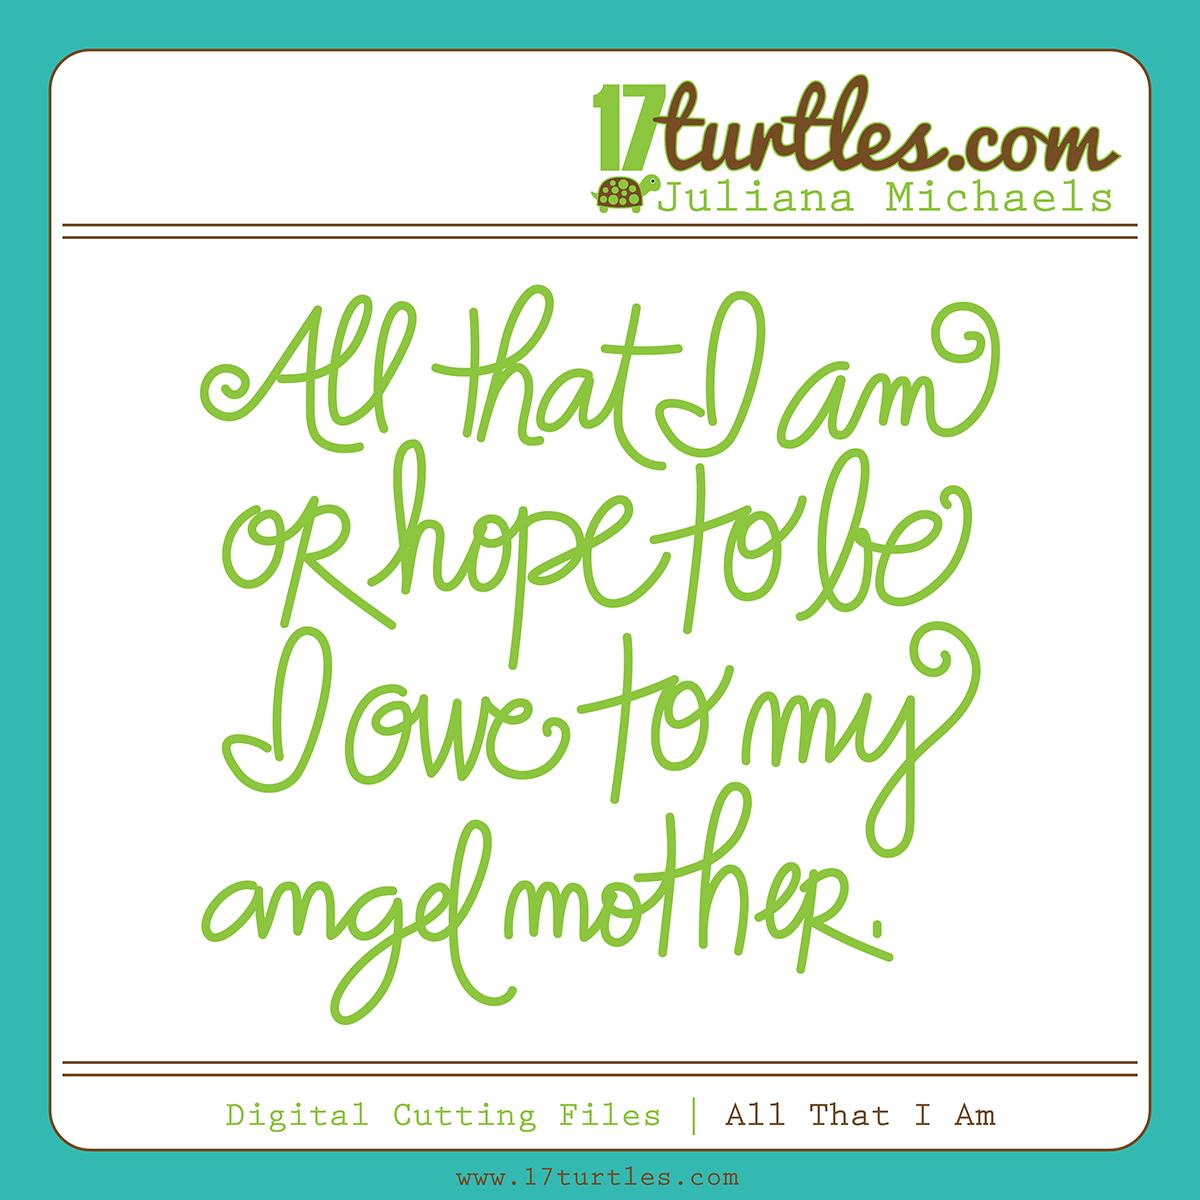 http://3.bp.blogspot.com/-gEqT4i6MRN0/U2fhIbBW1WI/AAAAAAAAQ6E/InChmUUBzqM/s1600/All-That-I-Am-Mother_1.jpg